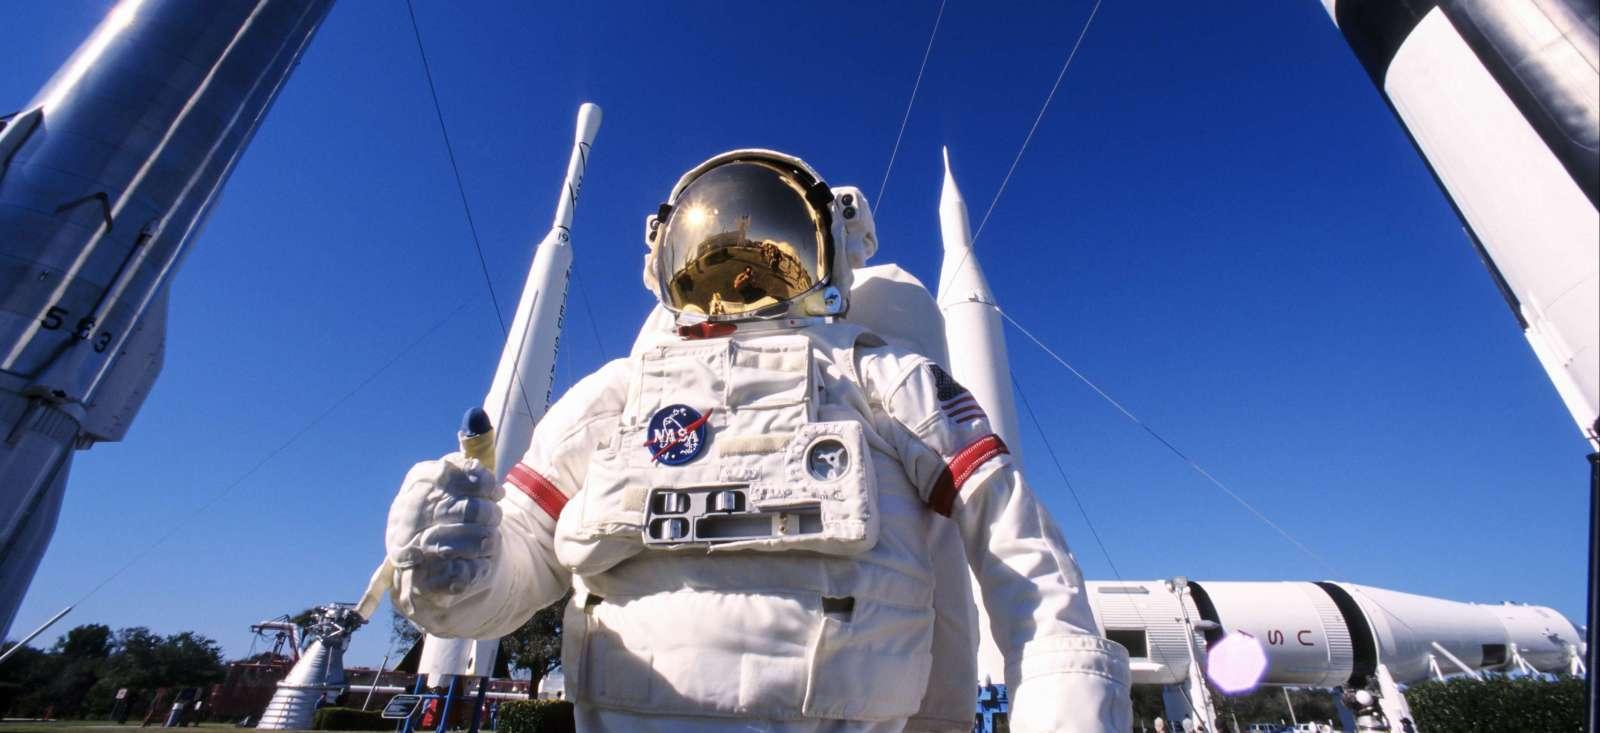 Voyage à pied : États-Unis : Objectif : Lune